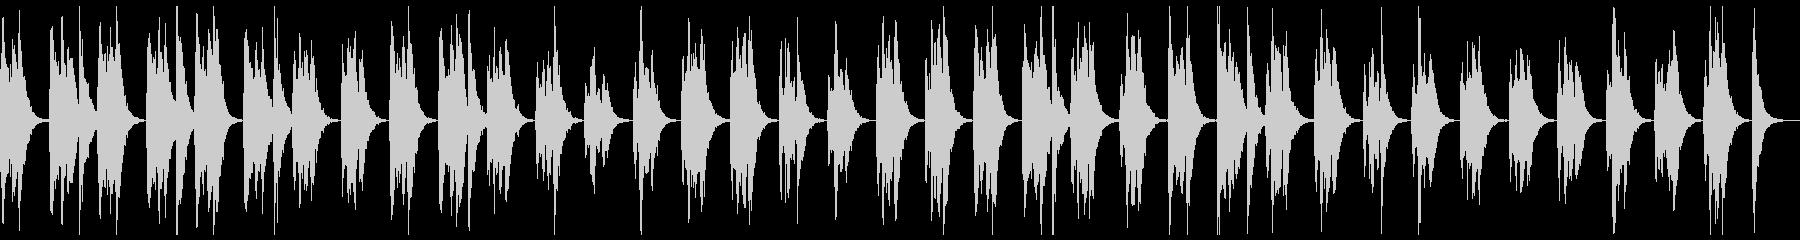 ピッチカートのこっそり曲の未再生の波形